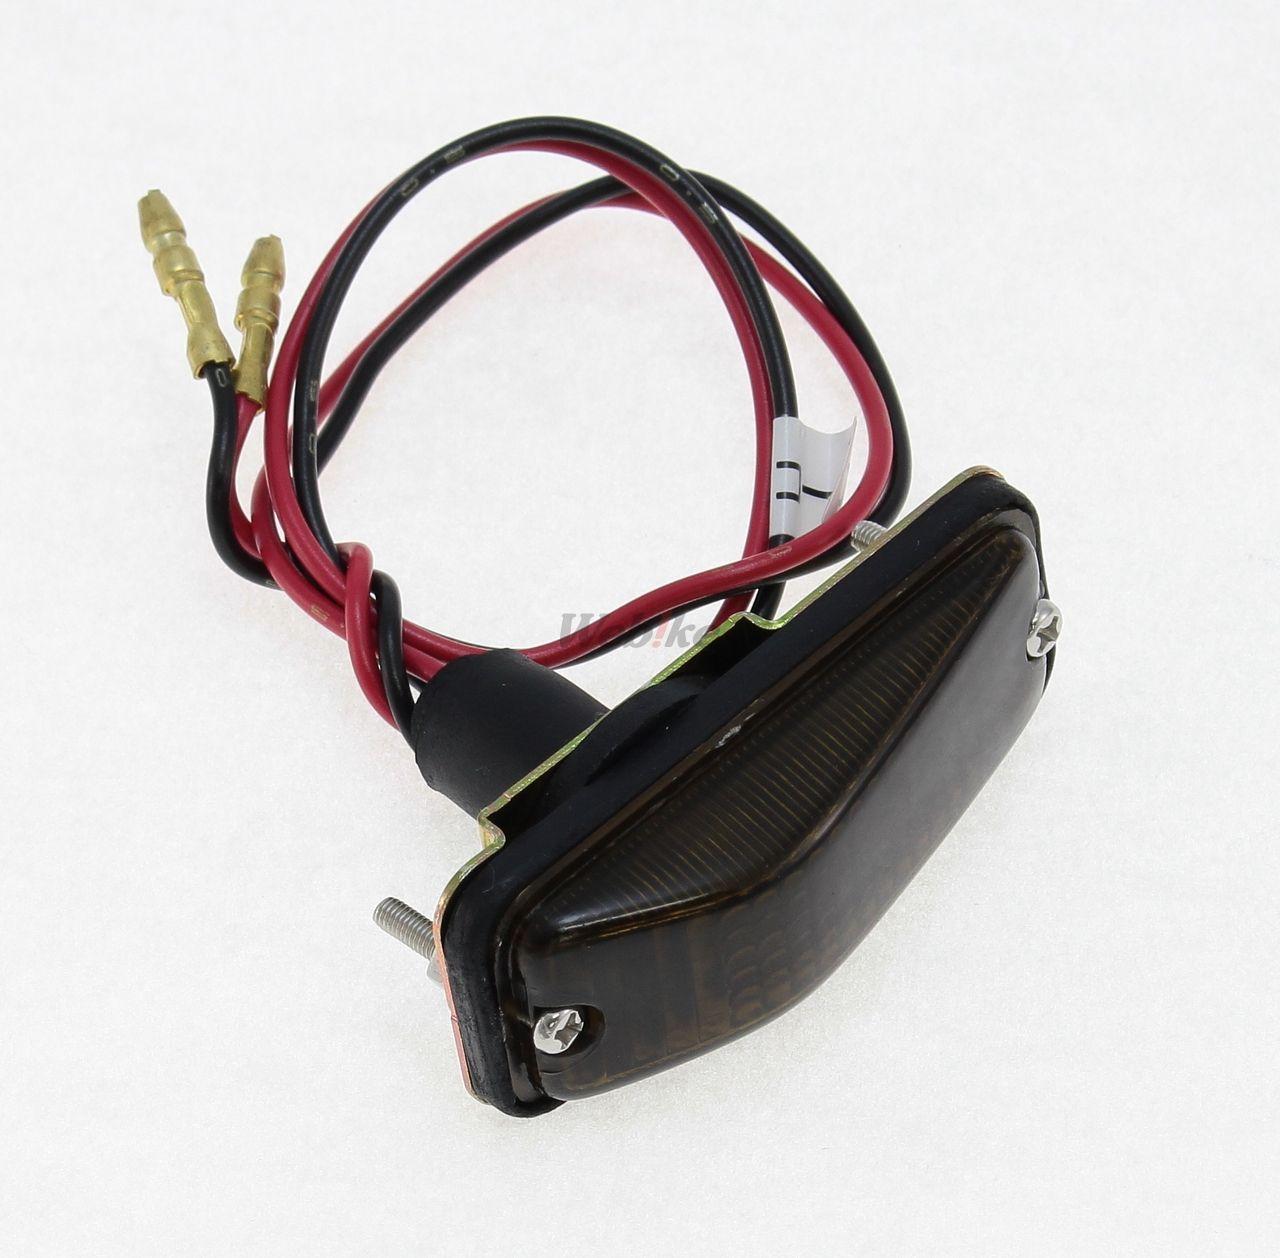 【KIJIMA】整流罩型式方向燈(2個組) - 「Webike-摩托百貨」